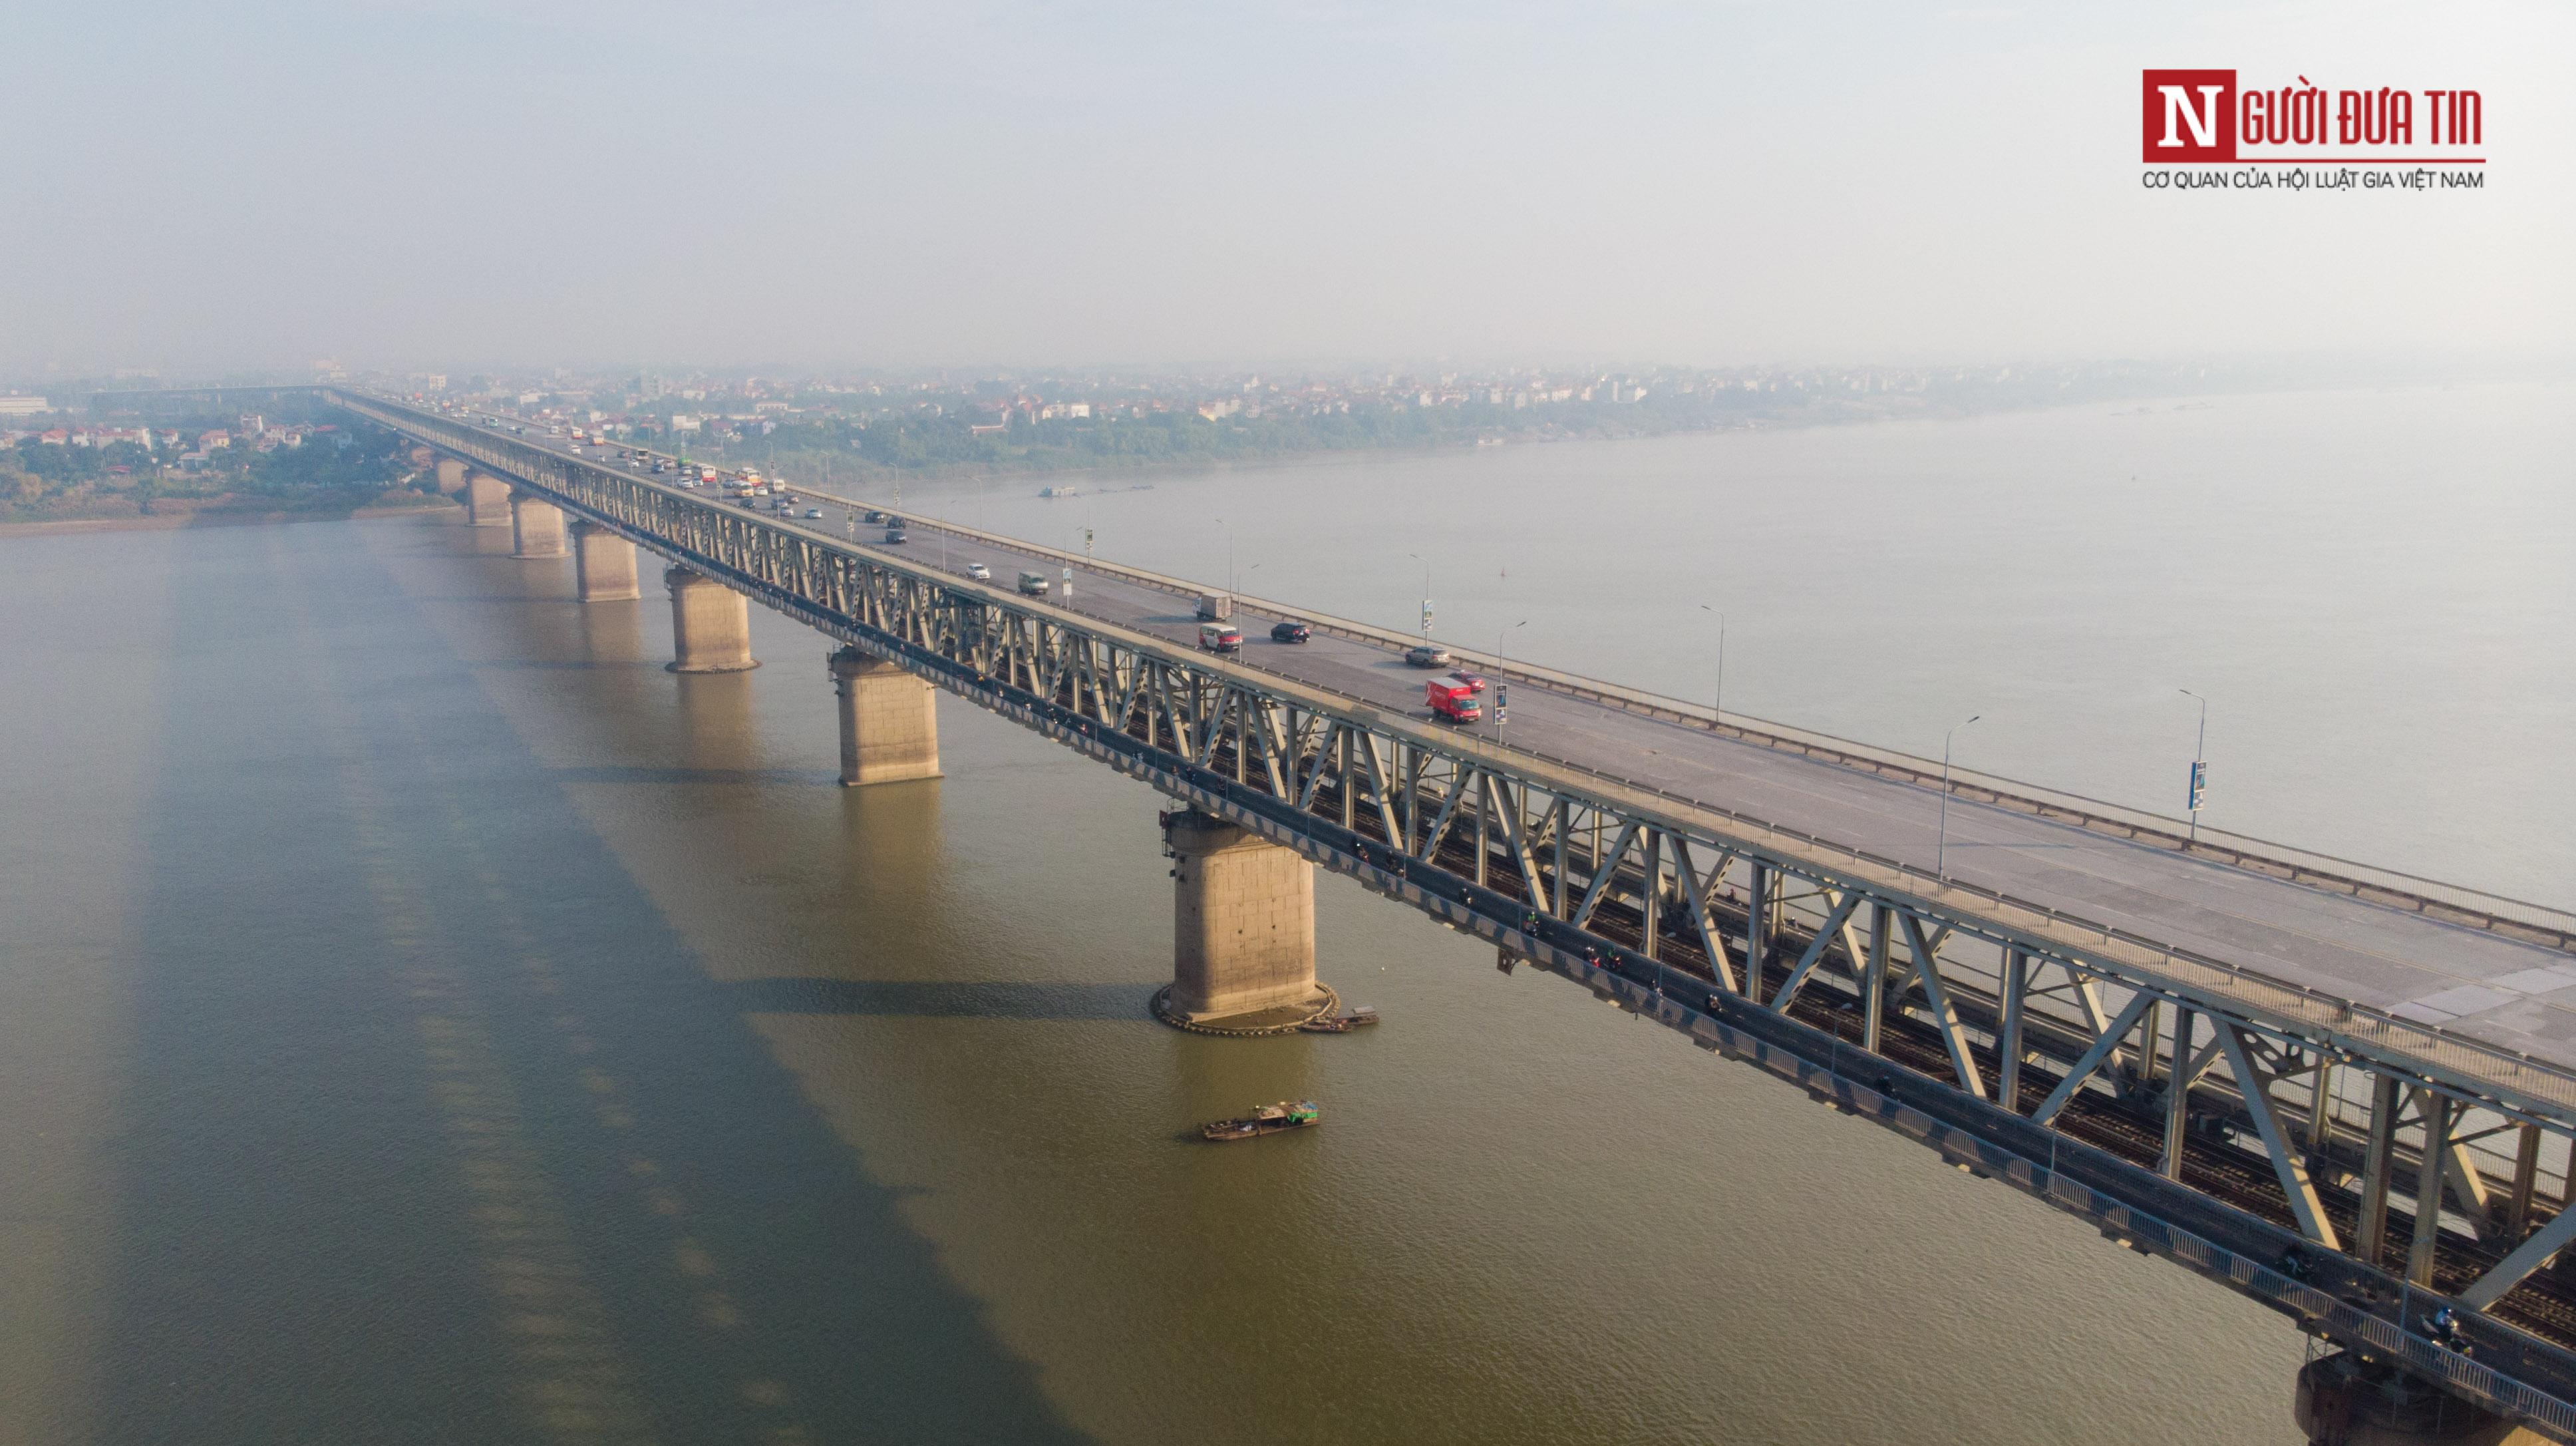 Tin nhanh - Chiêm ngưỡng 6 cây cầu bắc qua sông Hồng nối trung tâm Hà Nội (Hình 14).